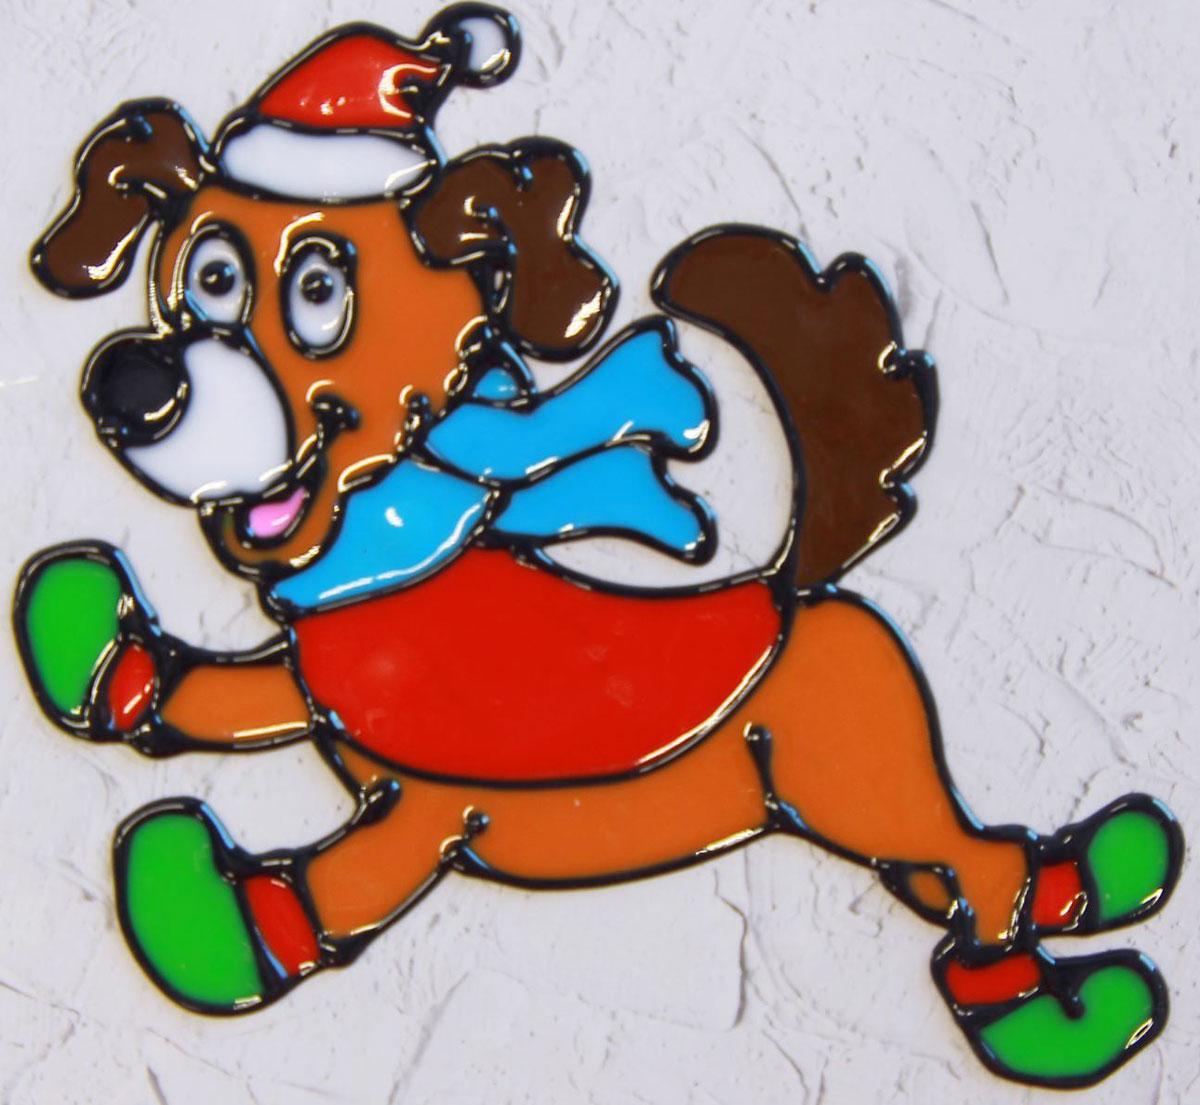 Украшение новогоднее оконное Веселая собачка, 10,5 х 11 см2377869Новогоднее оконное украшение Веселая собачка поможет украсить дом к предстоящим праздникам. Яркая наклейка крепится к гладкой поверхности стекла посредством статического эффекта. С помощью такого украшения вы сможете оживить интерьер по своему вкусу. Новогодние украшения всегда несут в себе волшебство и красоту праздника. Создайте в своем доме атмосферу тепла, веселья и радости, украшая его всей семьей.